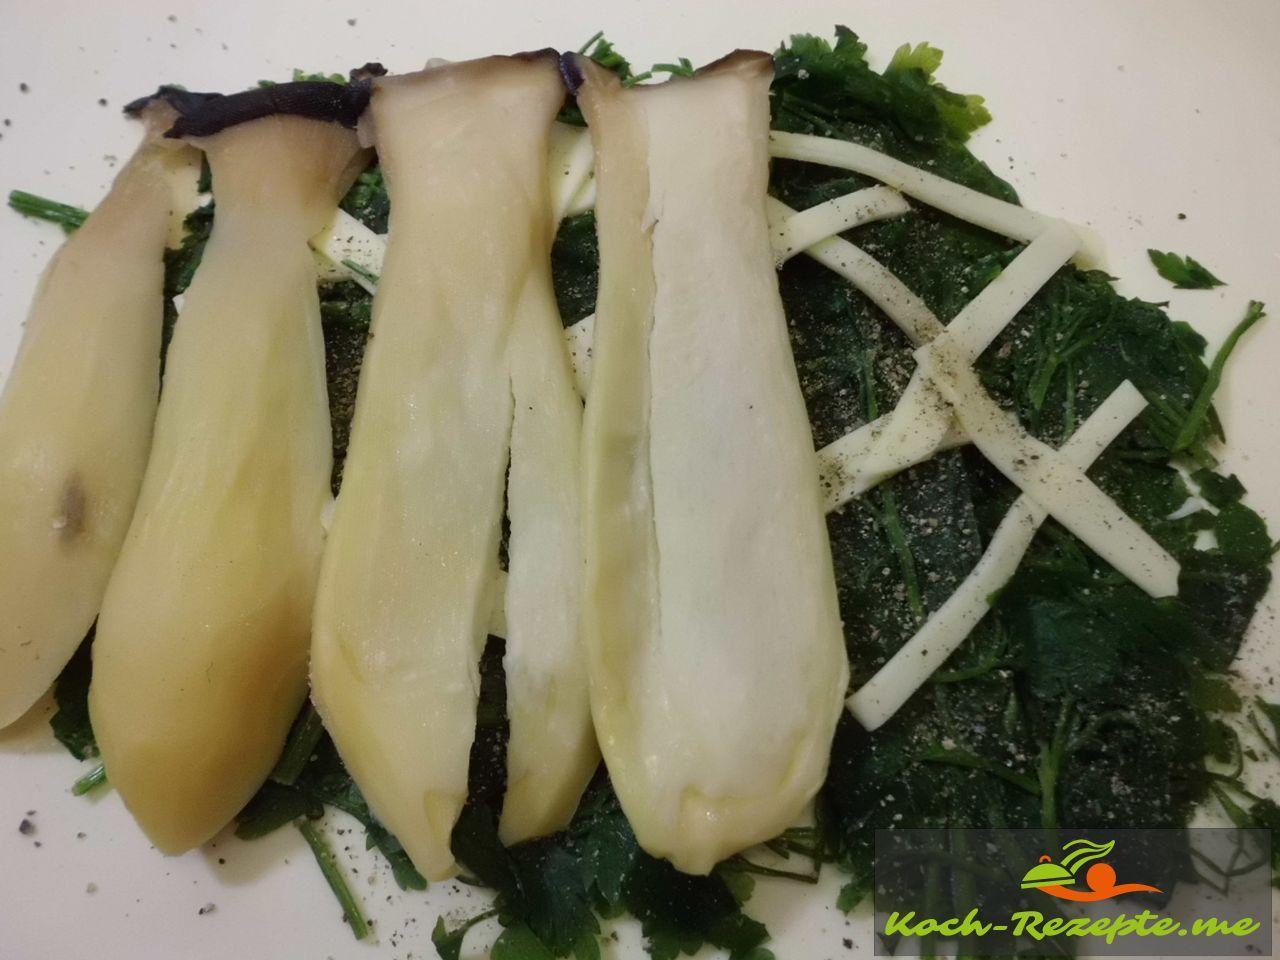 Saibling Pilze auf Schinkenspeck,Blattbetersilie im Blätterteig